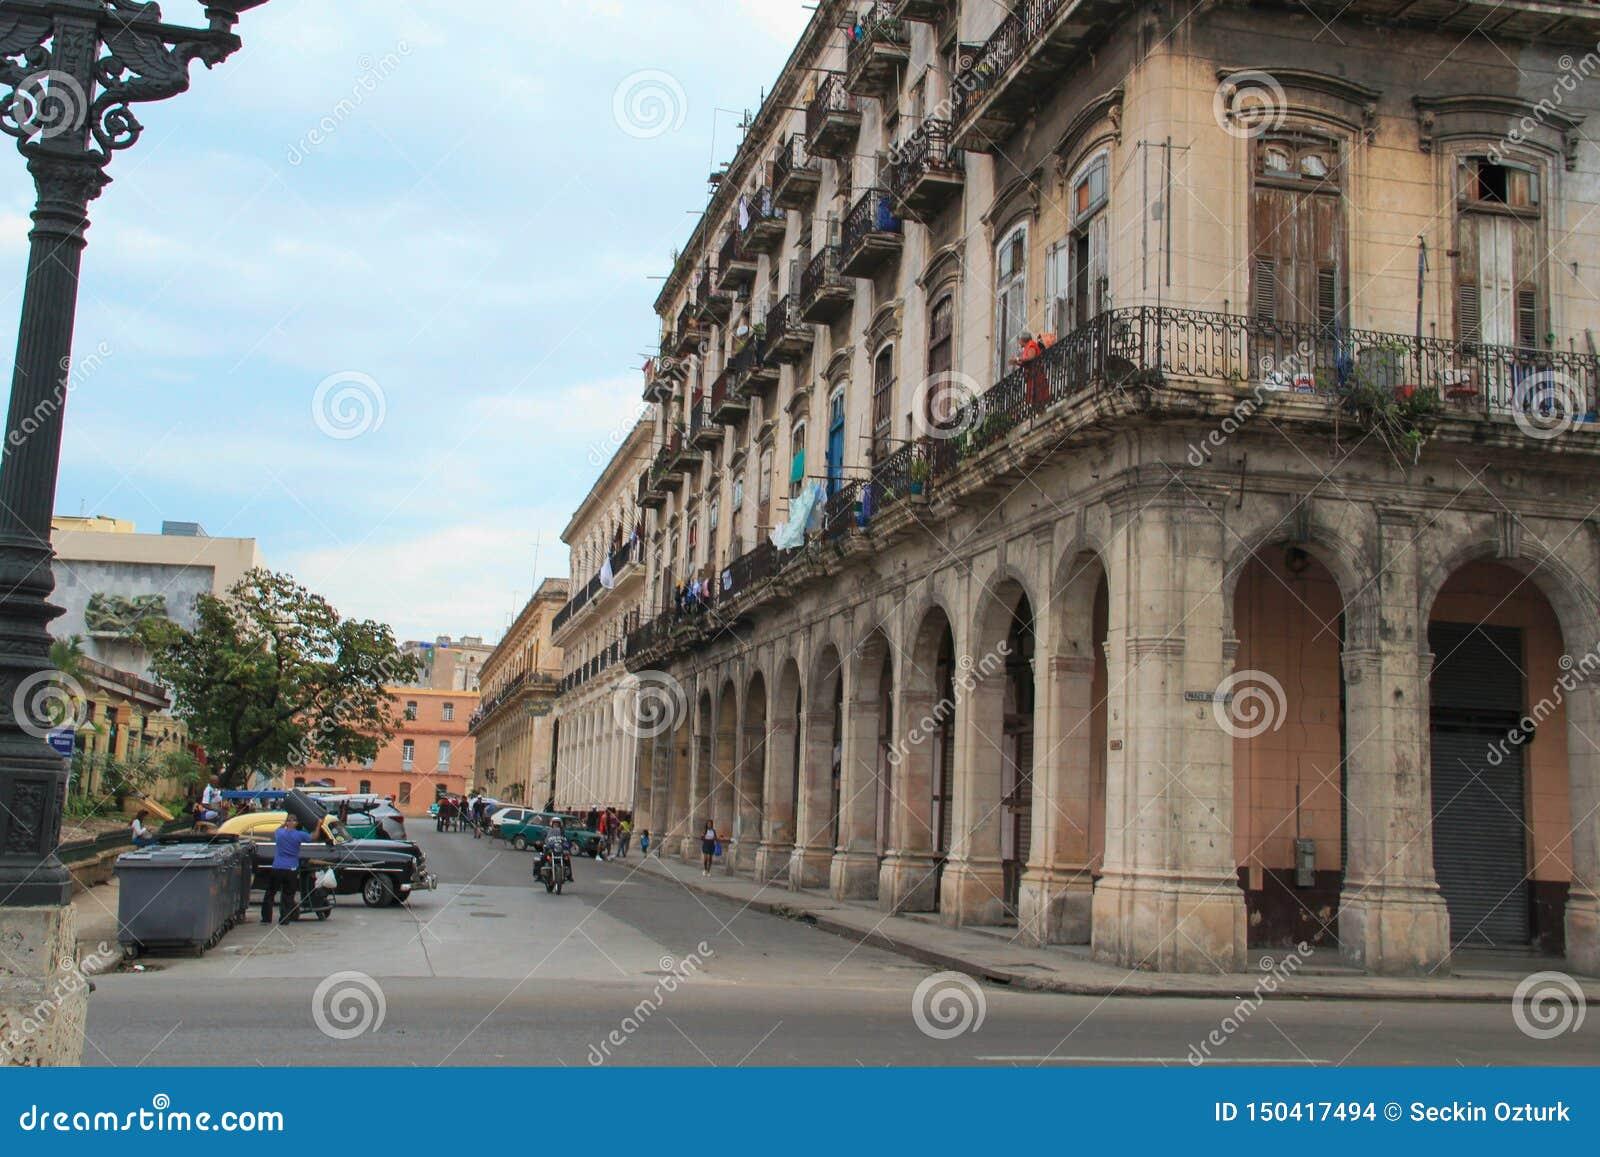 Old street of Havana in Cuba, Caribbeans